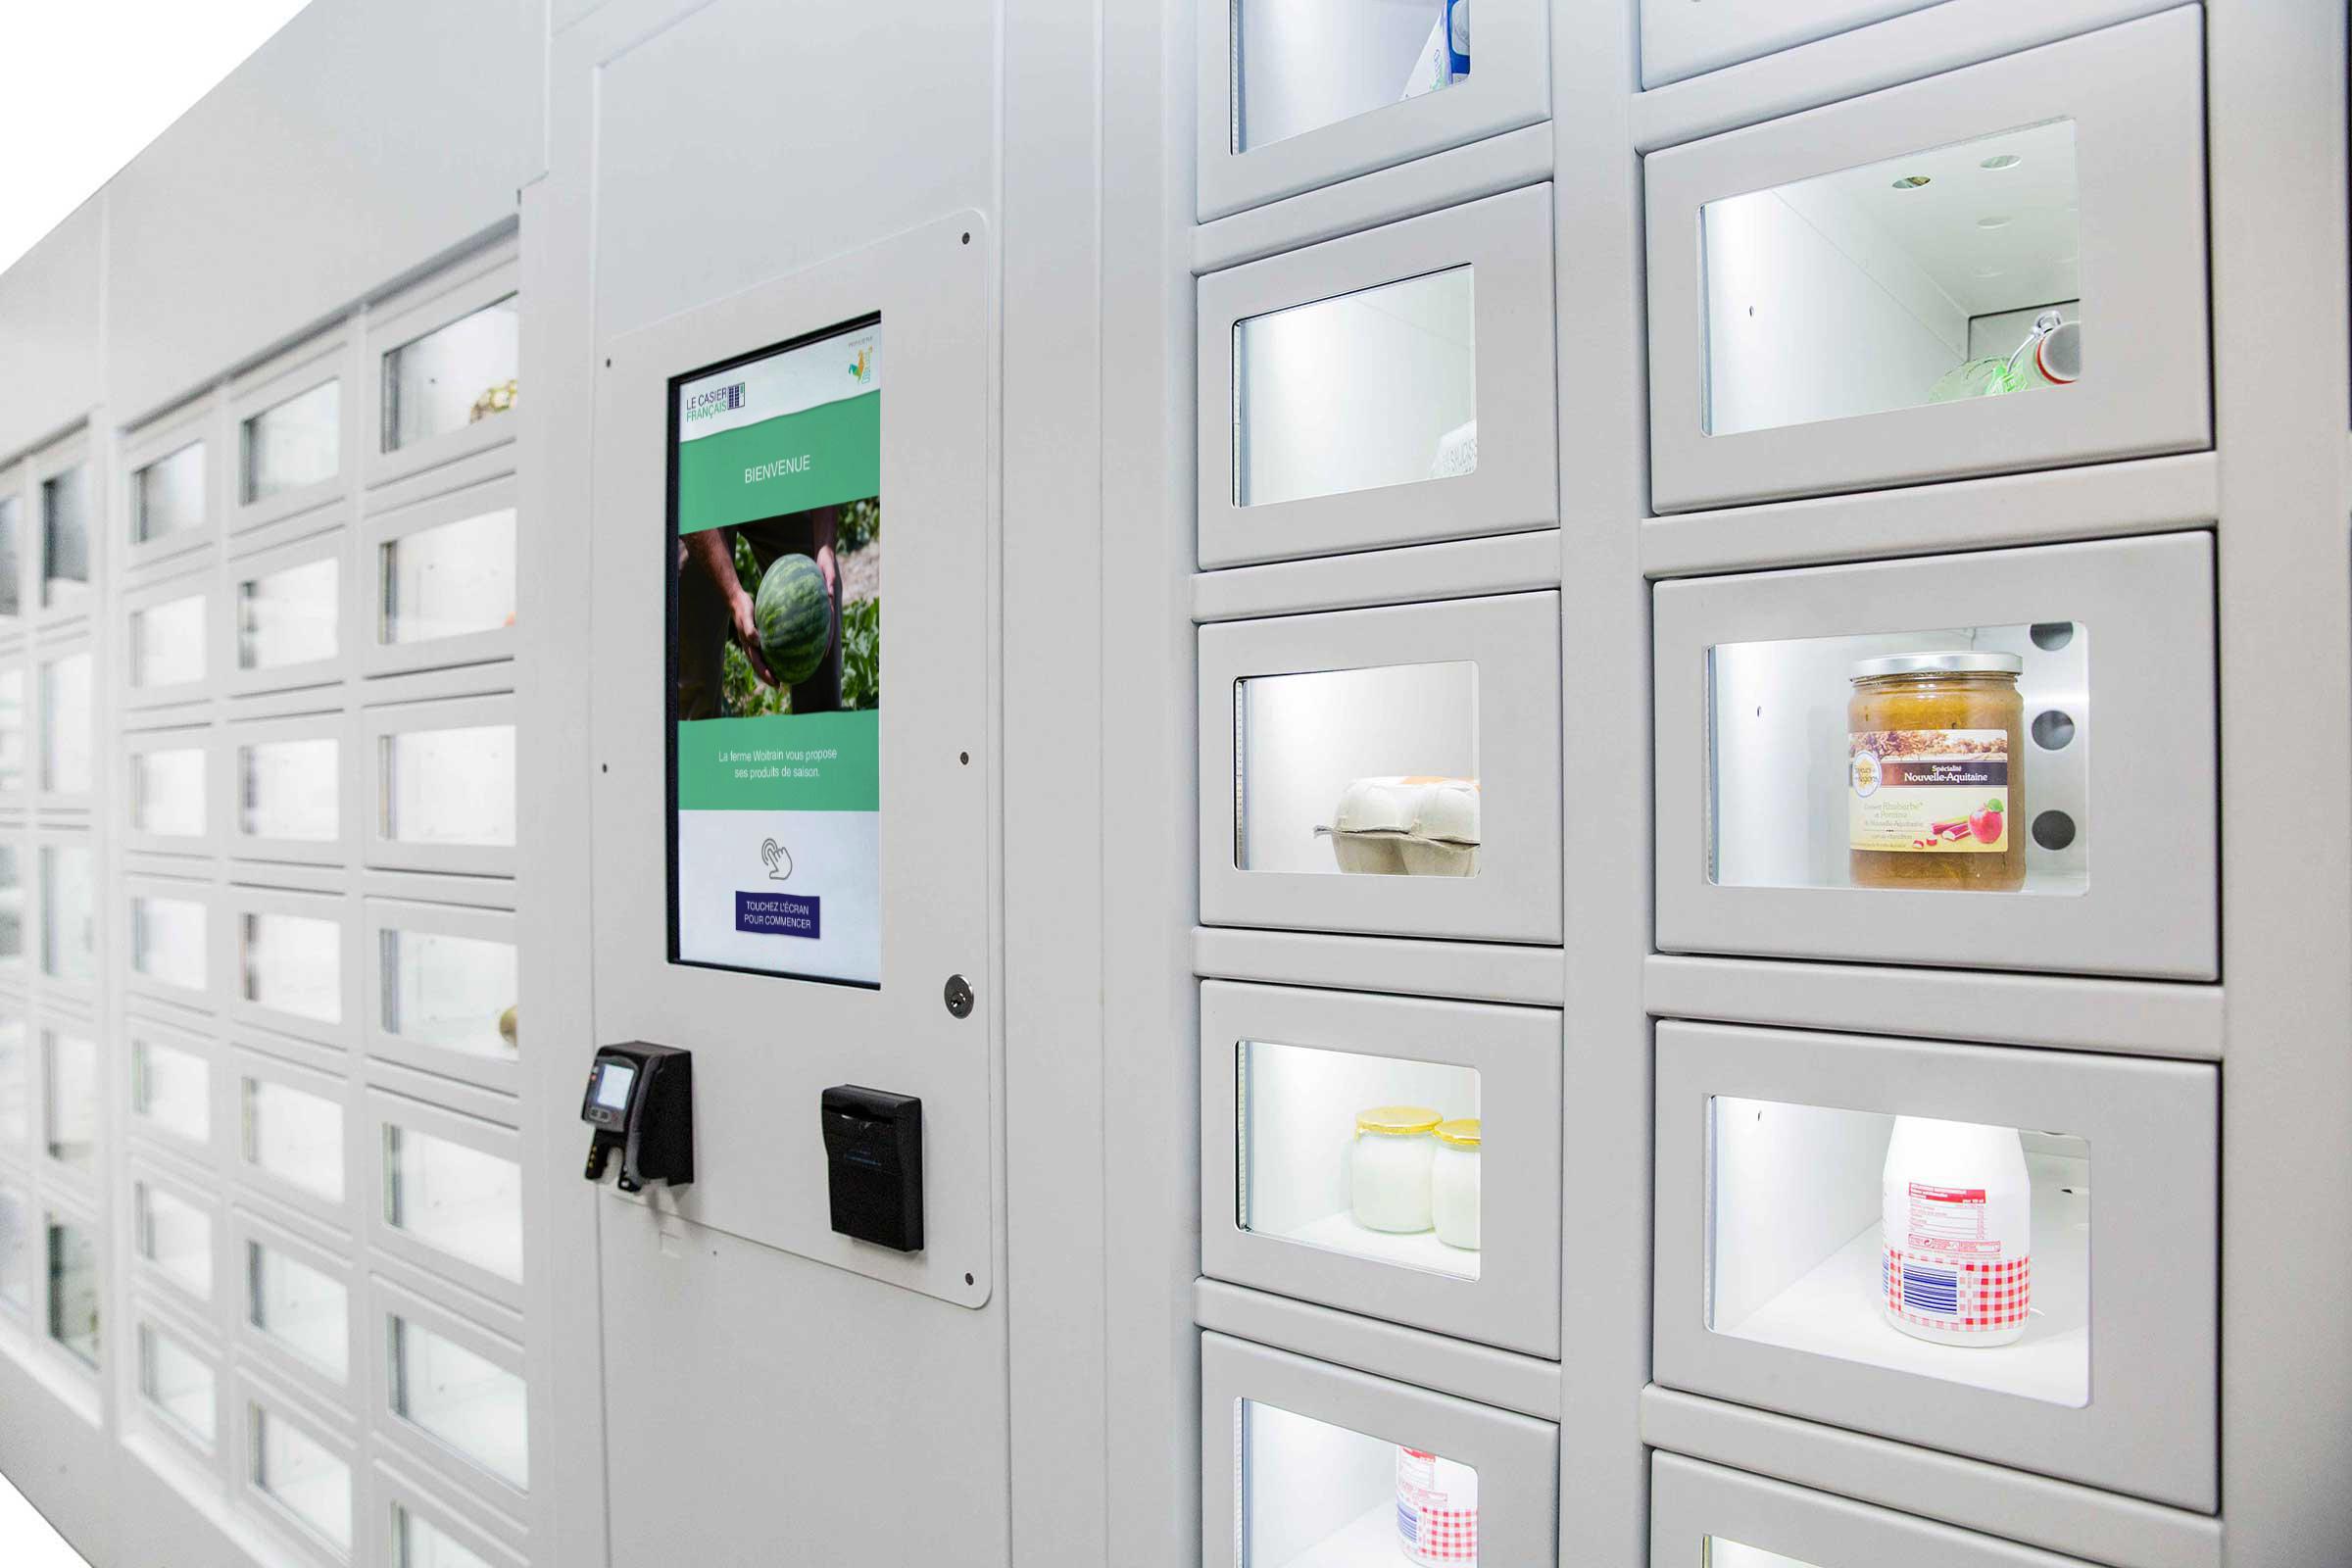 Produits laitiers dans un distributeur automatique Le Casier Français